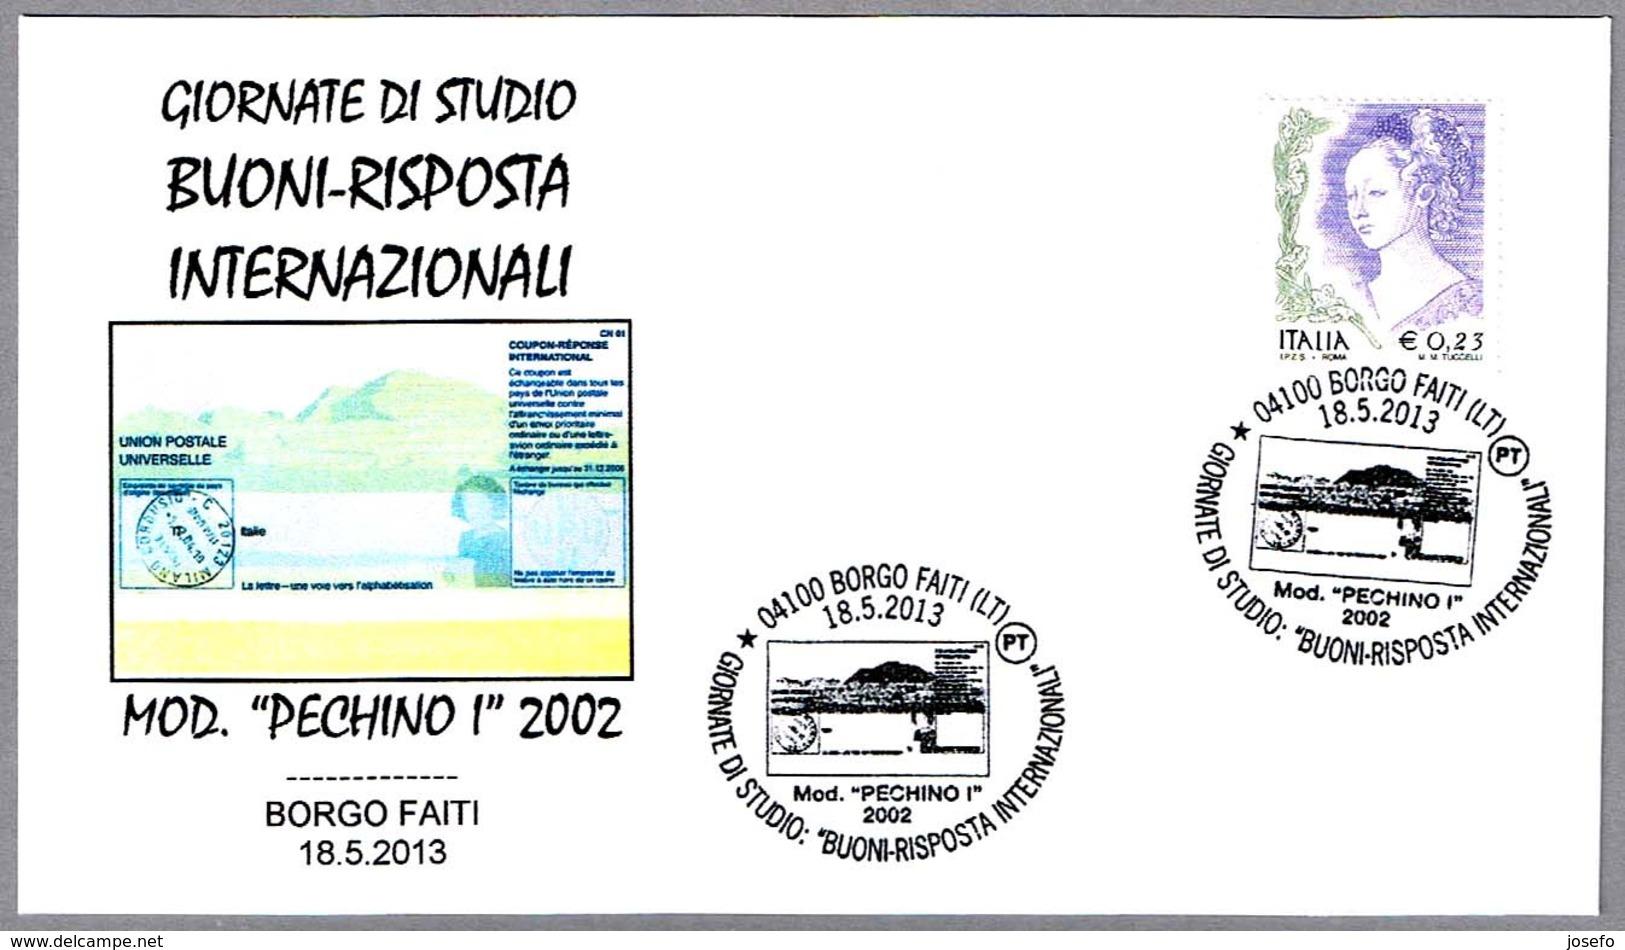 CUPON-RESPUESTA INTERN. - Int. Reply-coupon - Coupon-reponse Int. Borgo Faiti, Latina, 2013 - Correo Postal